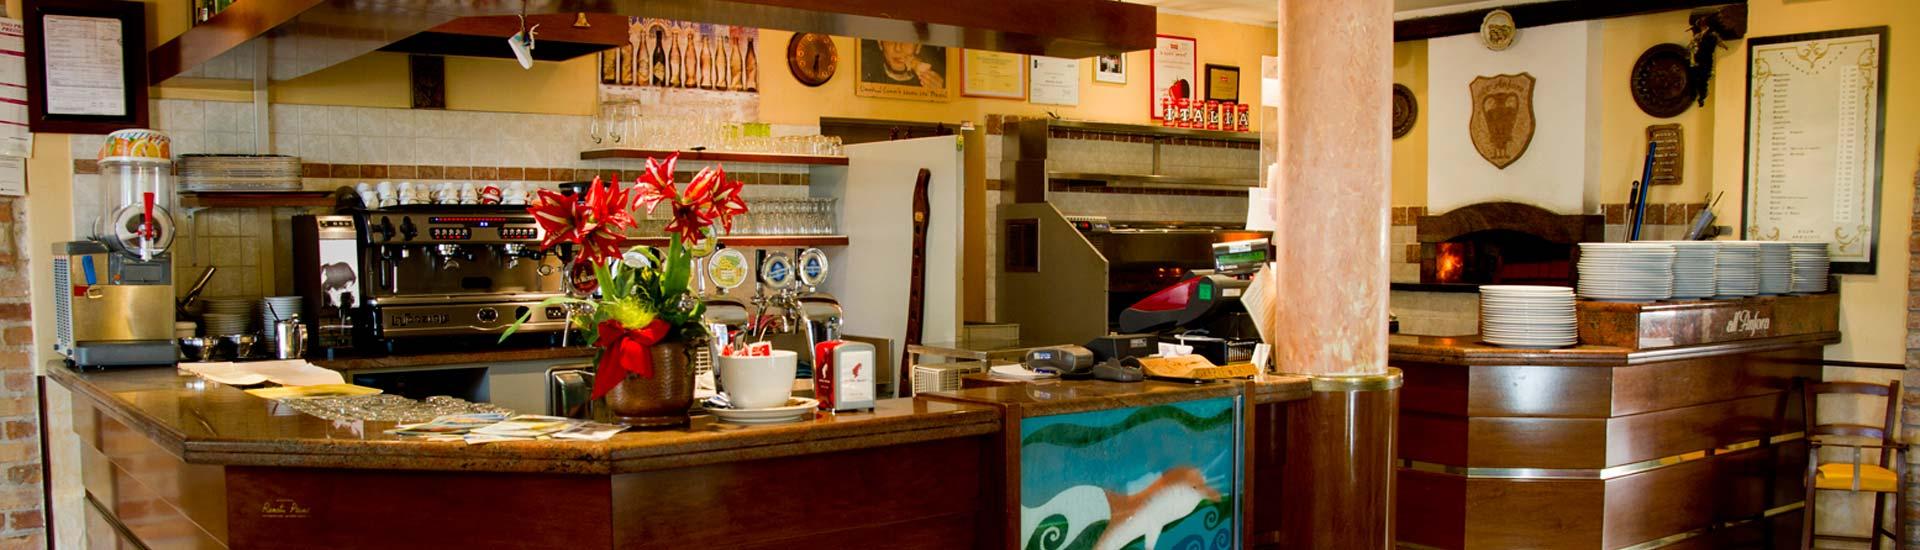 Ristorante Pizzeria all'Anfora